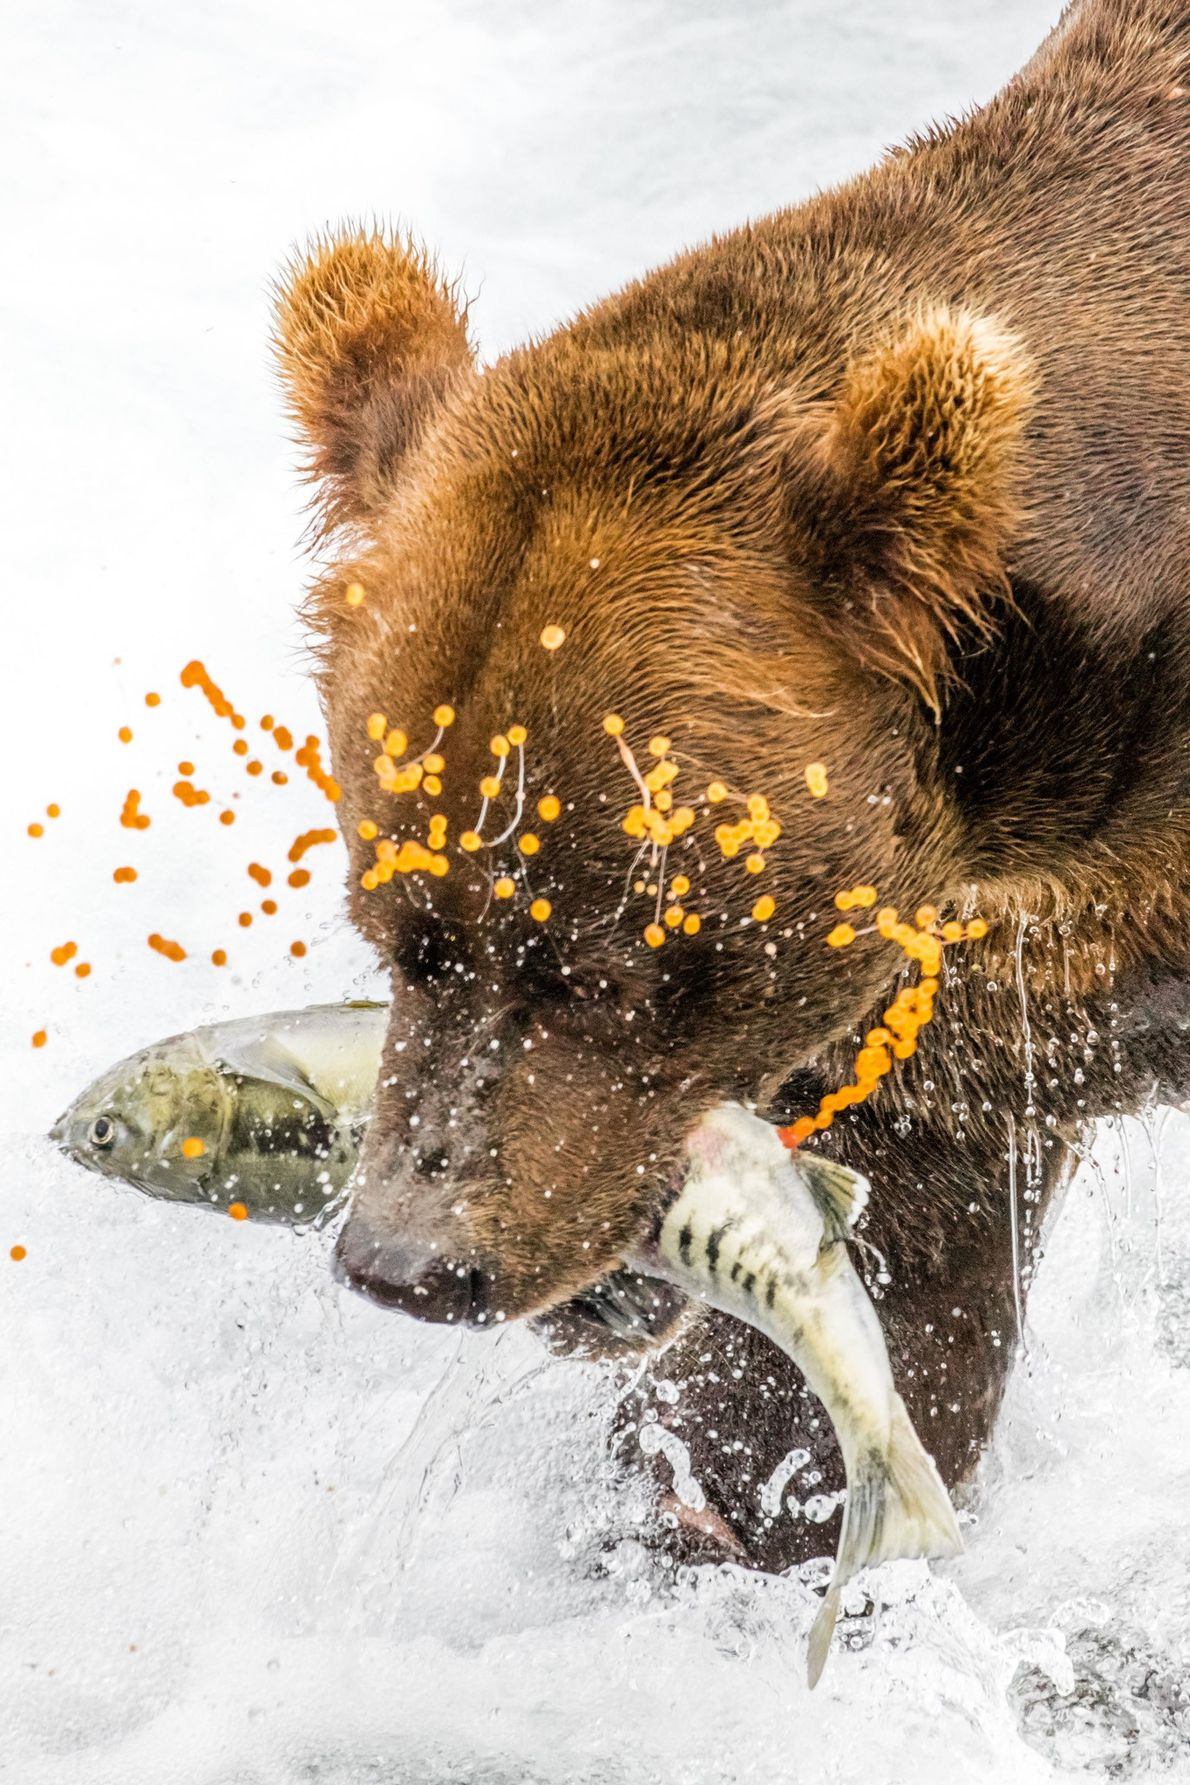 galeria-de-fotos-animais-em-acao-urso-salmao